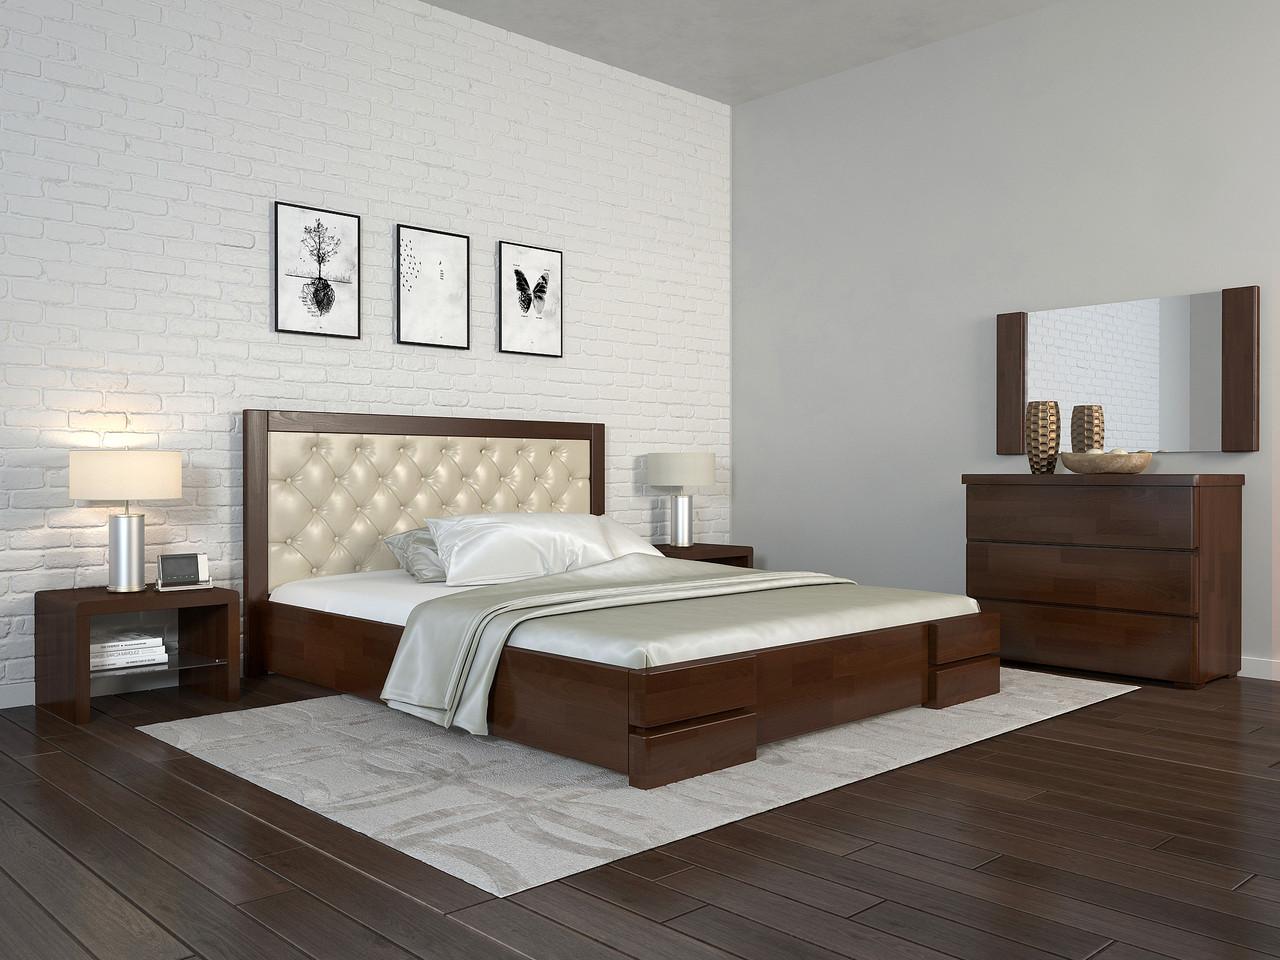 Кровать с механизмом Arbordrev Регина люкс ромбы (160*200) сосна